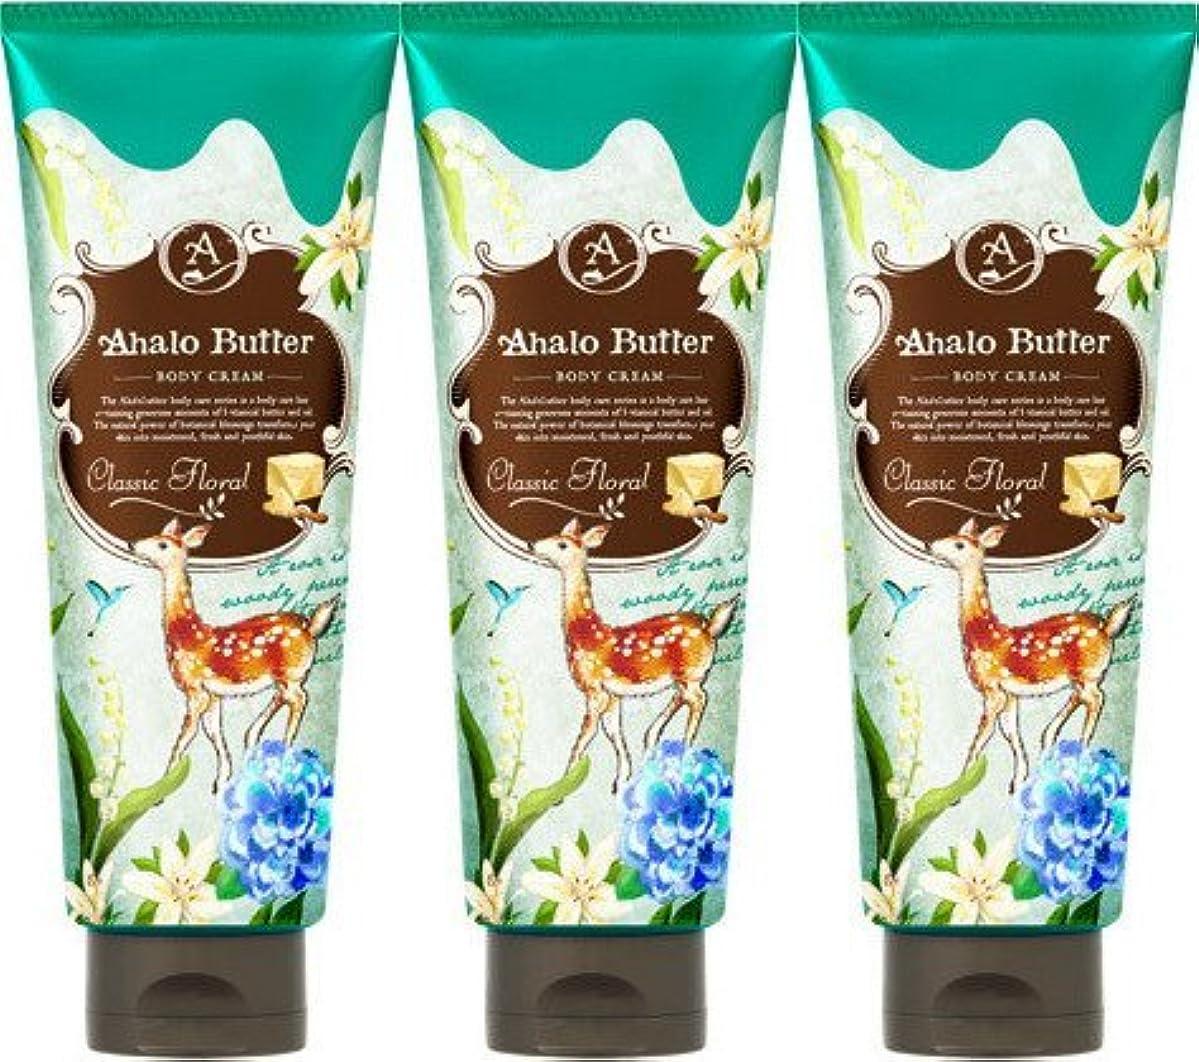 群集感染する同じ【3個セット】Ahalo butter(アハロバター) ボディクリーム クラシックフローラル 150g